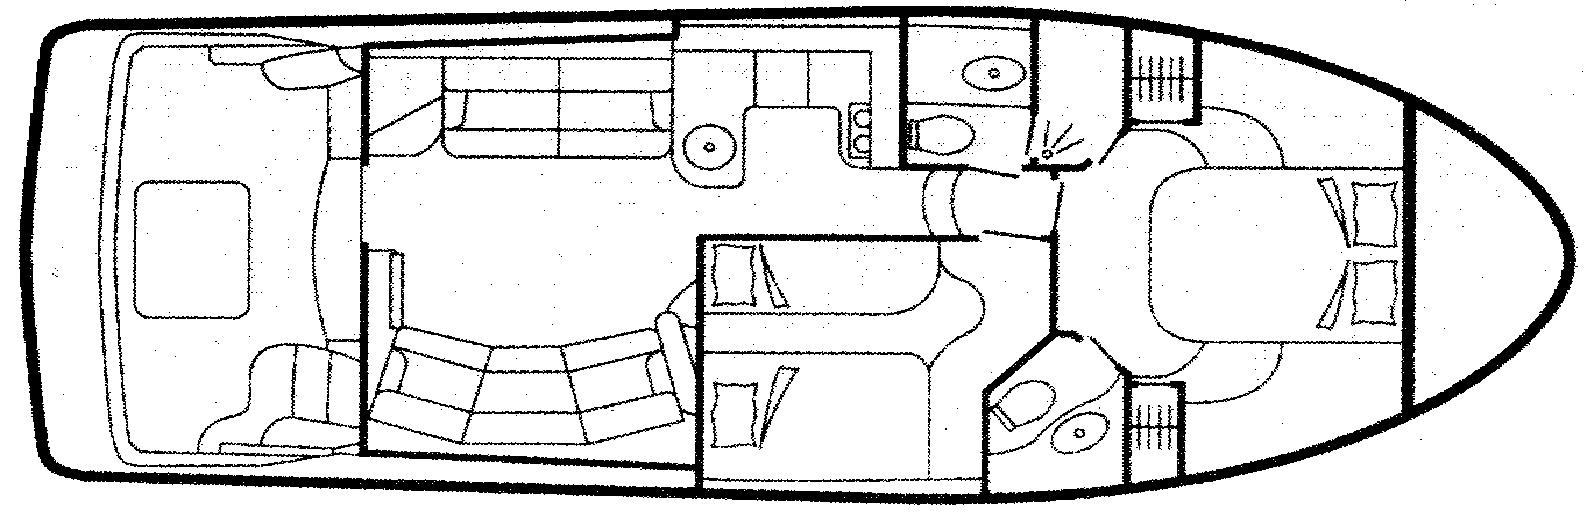 43 Sport Bridge Floor Plan 1